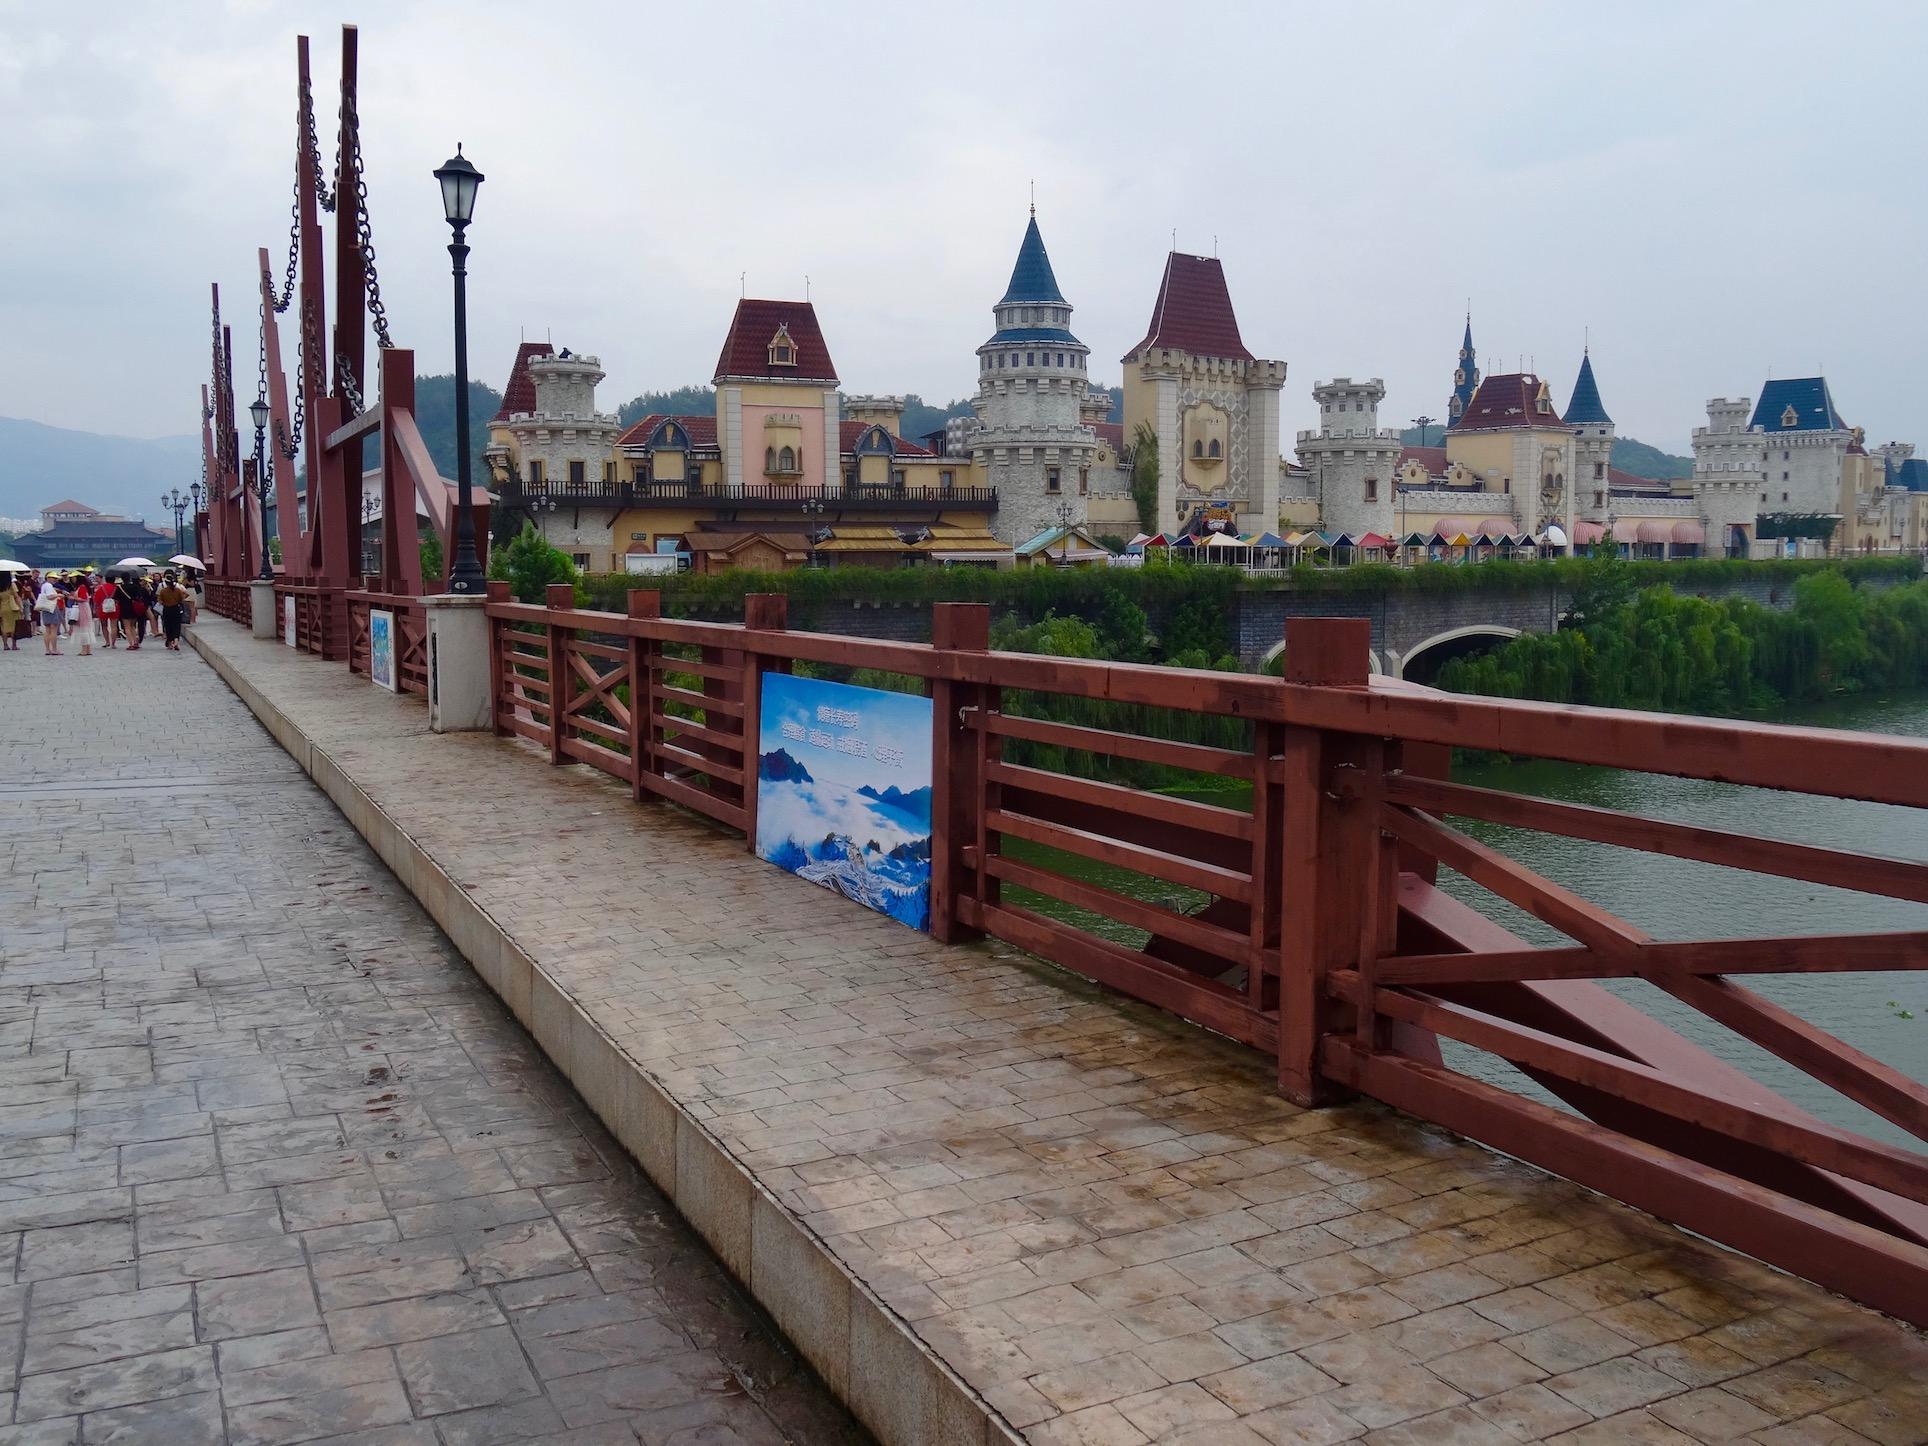 Lishui Adventure Island Water World Zhejiang Province China